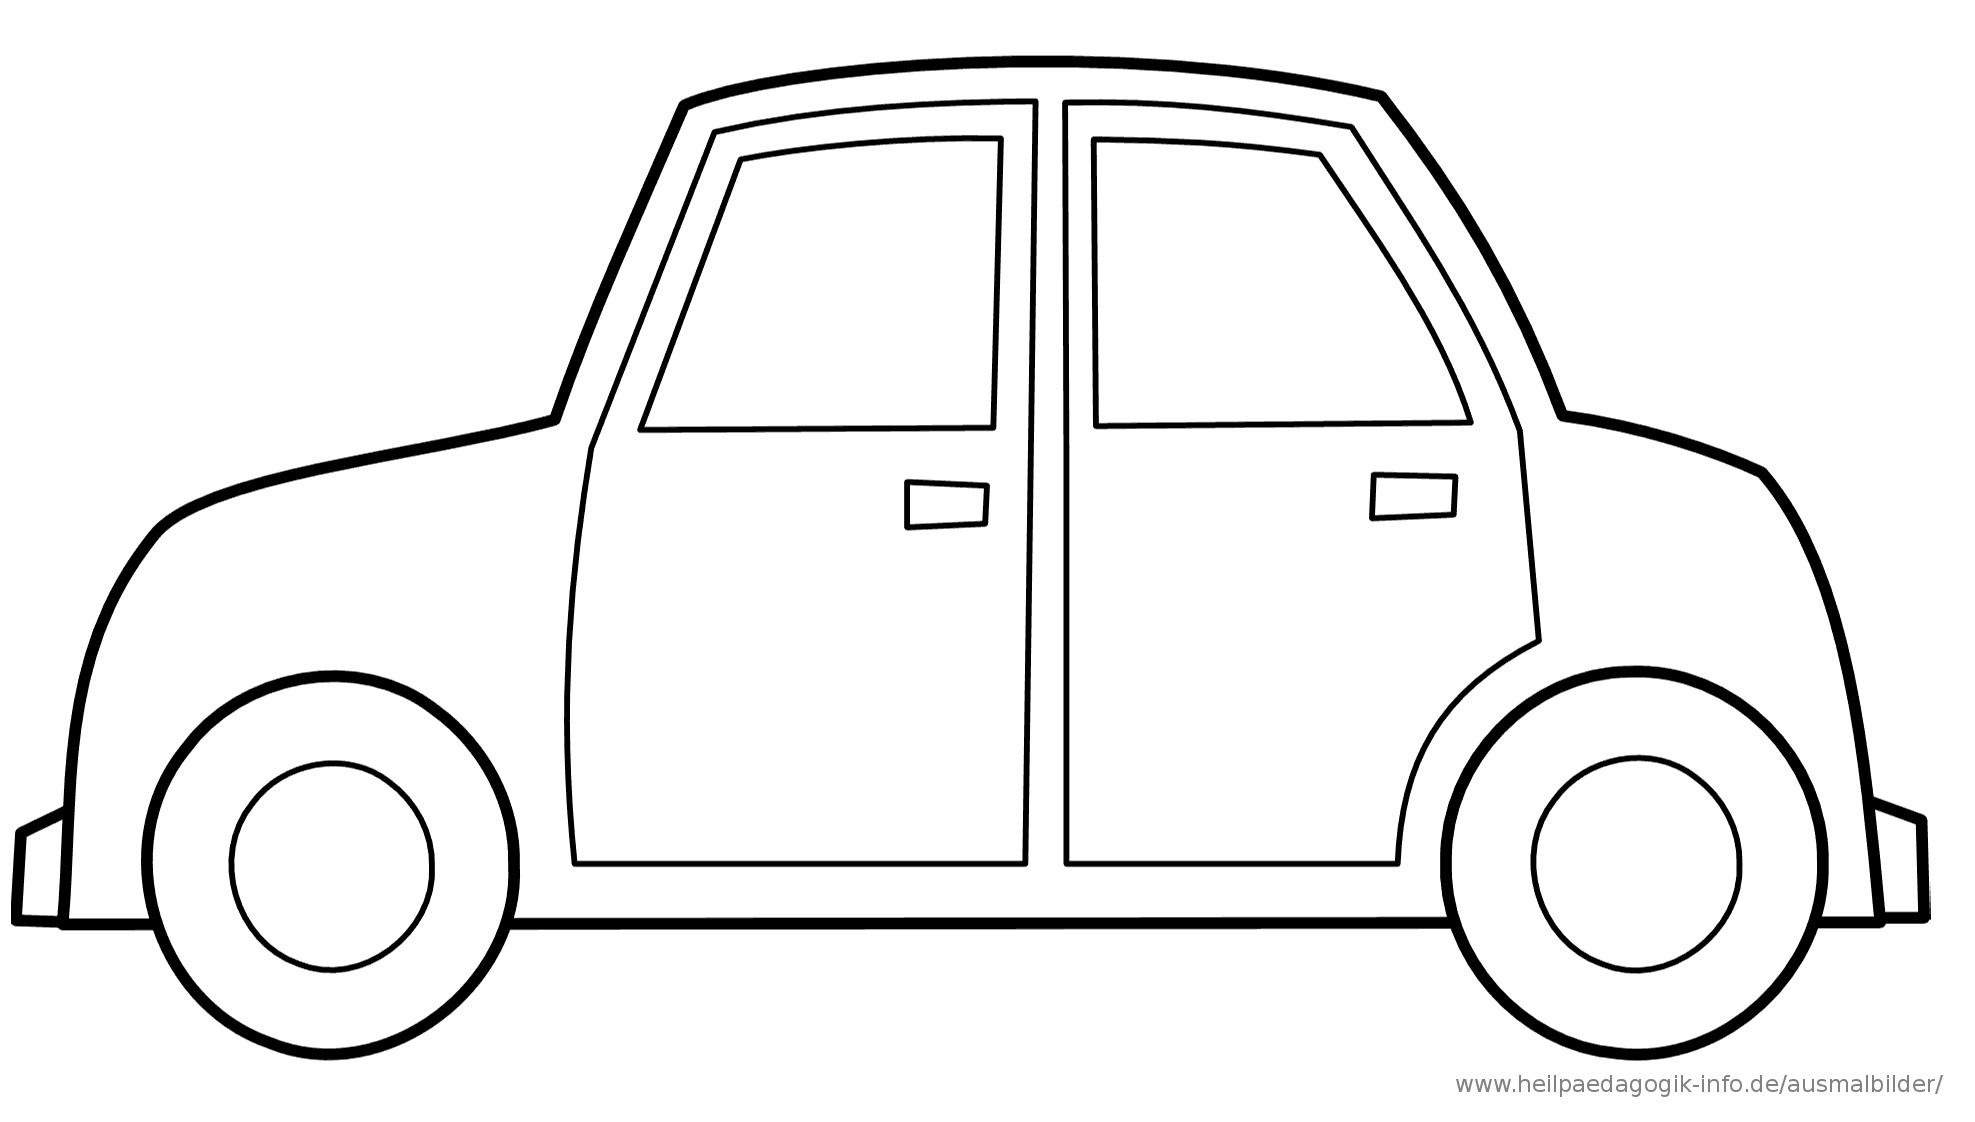 Ausmalbilder Autos Malvorlagen 05 | Malvorlage Auto bestimmt für Ausmalbilder Von Autos